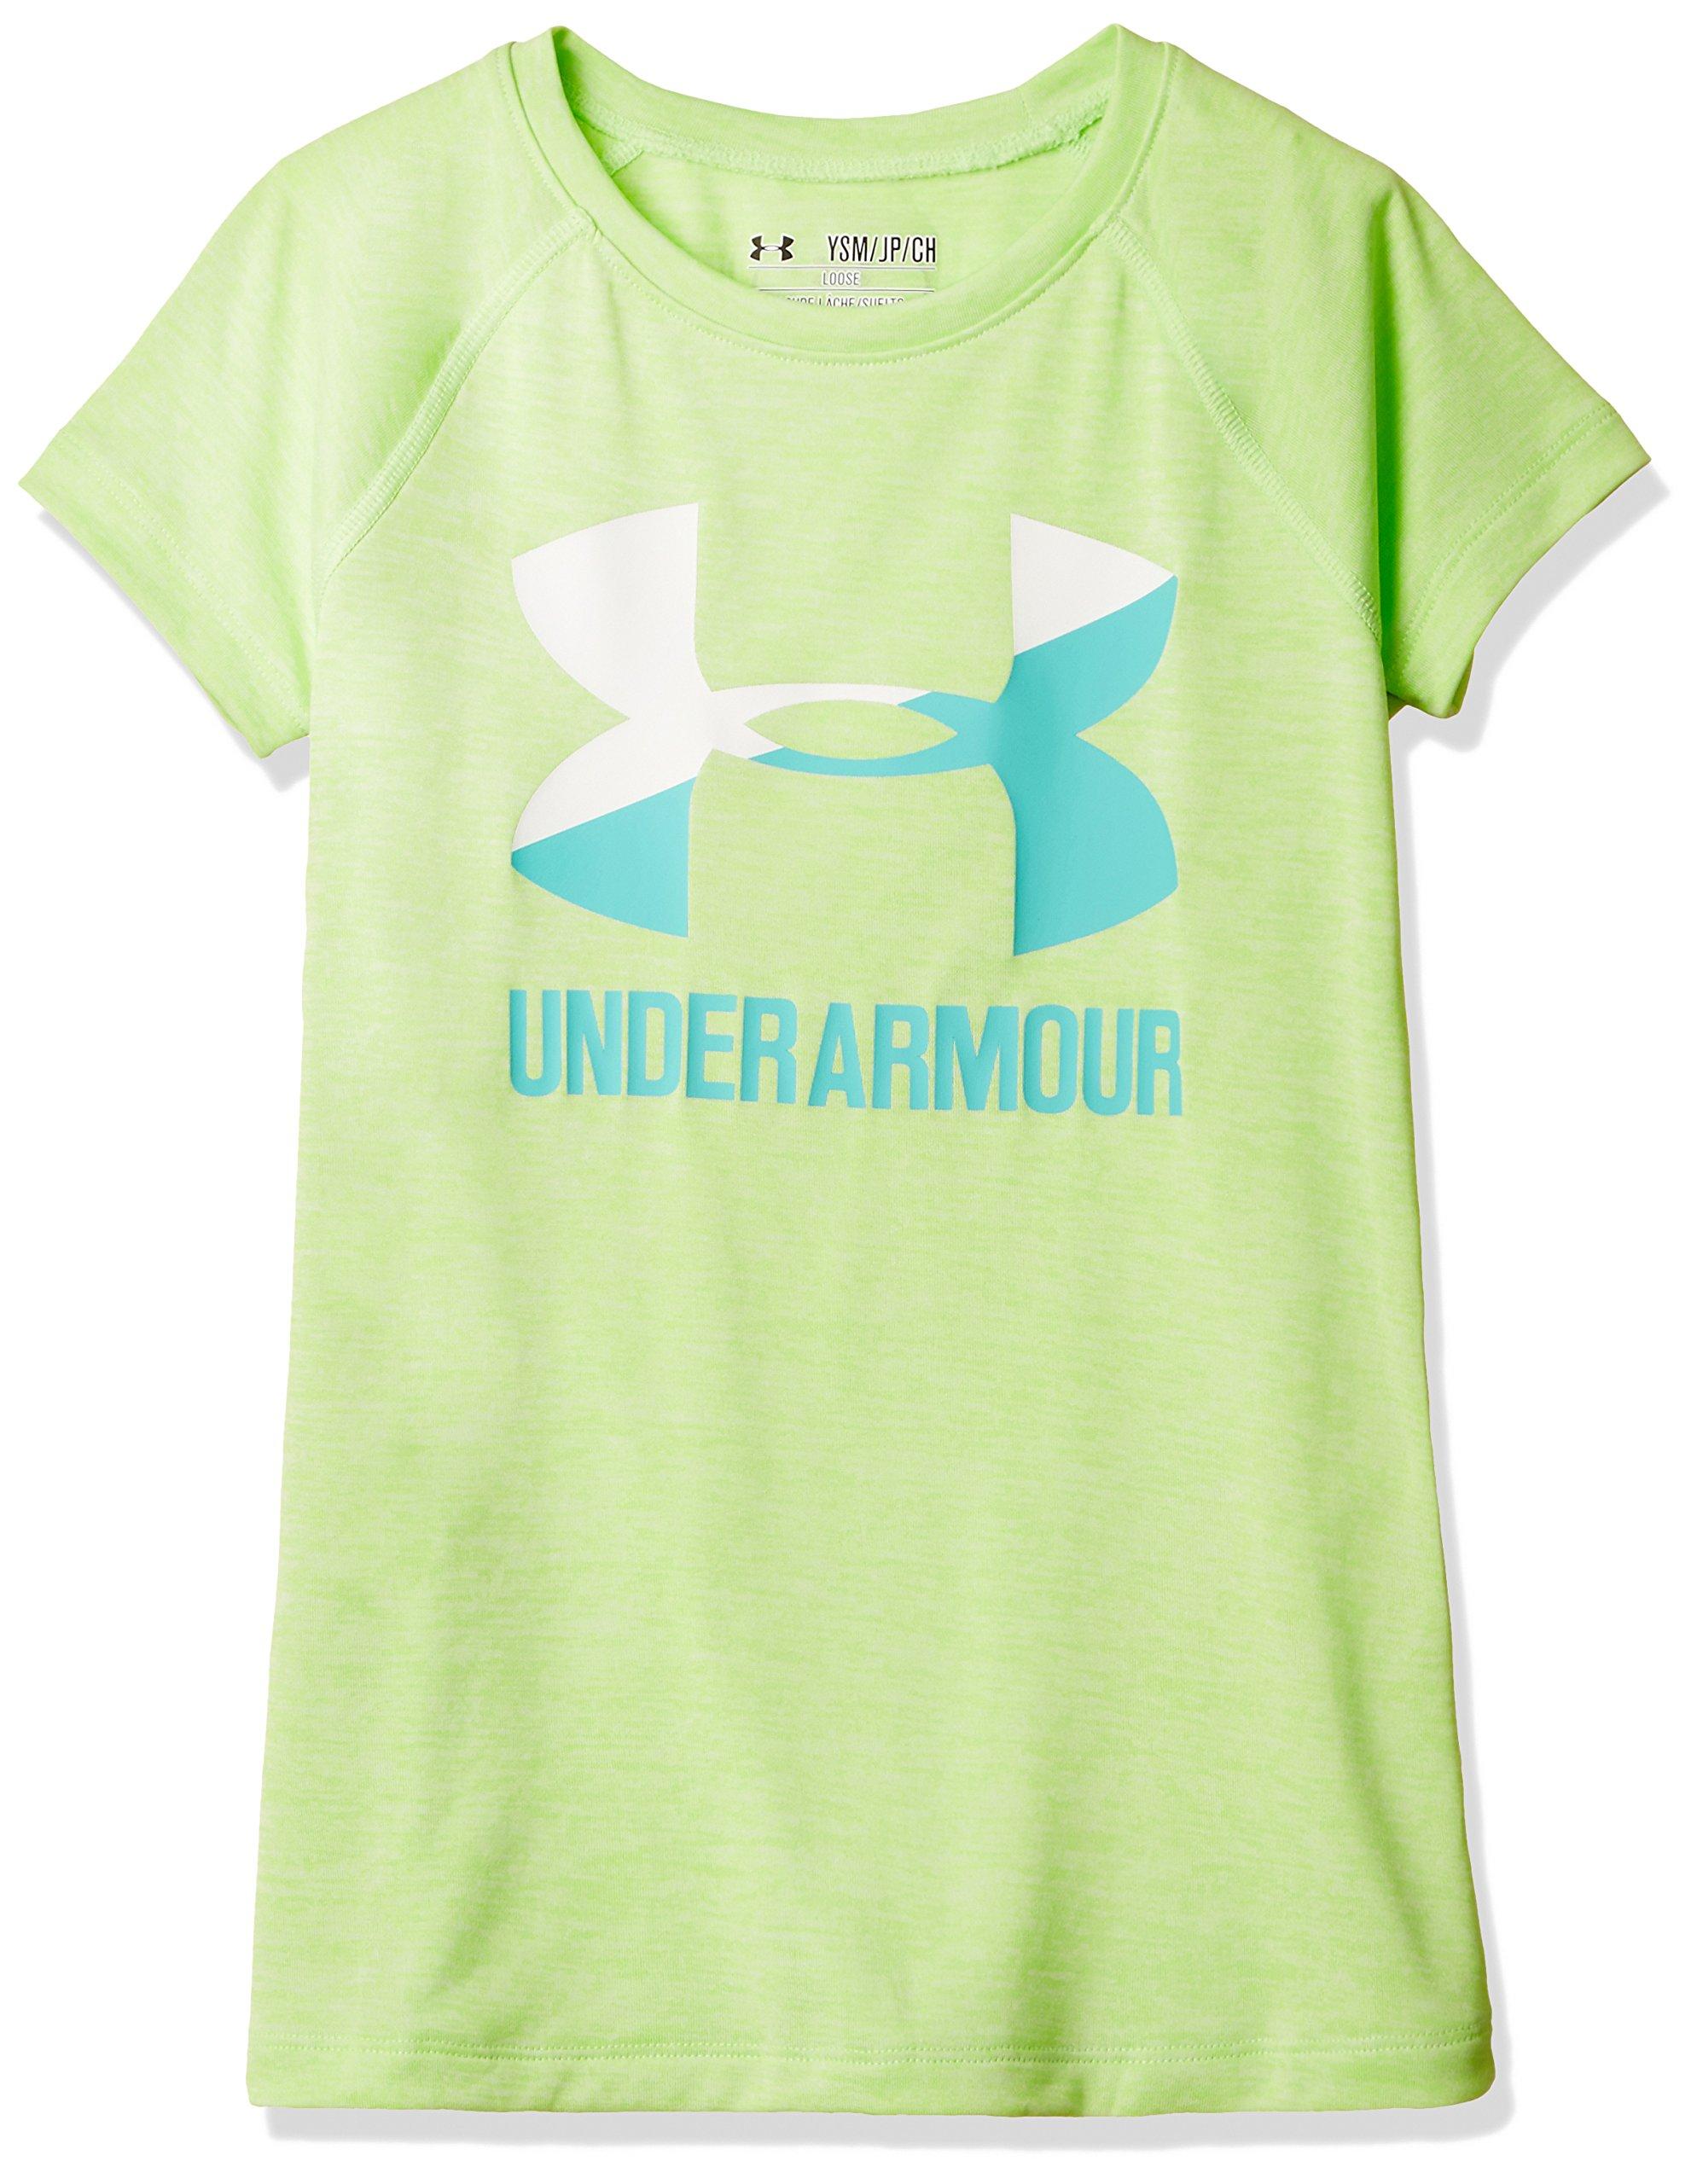 Under Armour Girls' Novelty Big Logo Short Sleeve T-Shirt,Summer Lime/Absinthe Green, Youth Medium